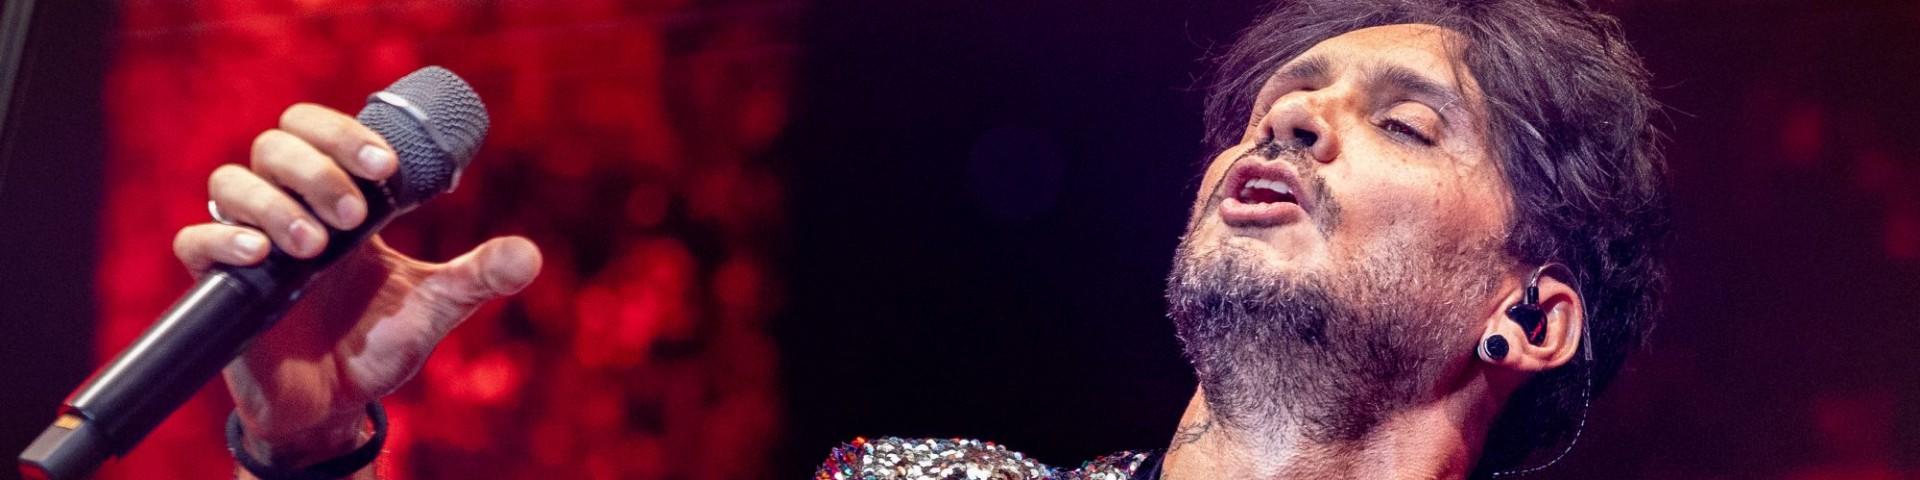 Fabrizio Moro a Roma: tutte le foto del concerto